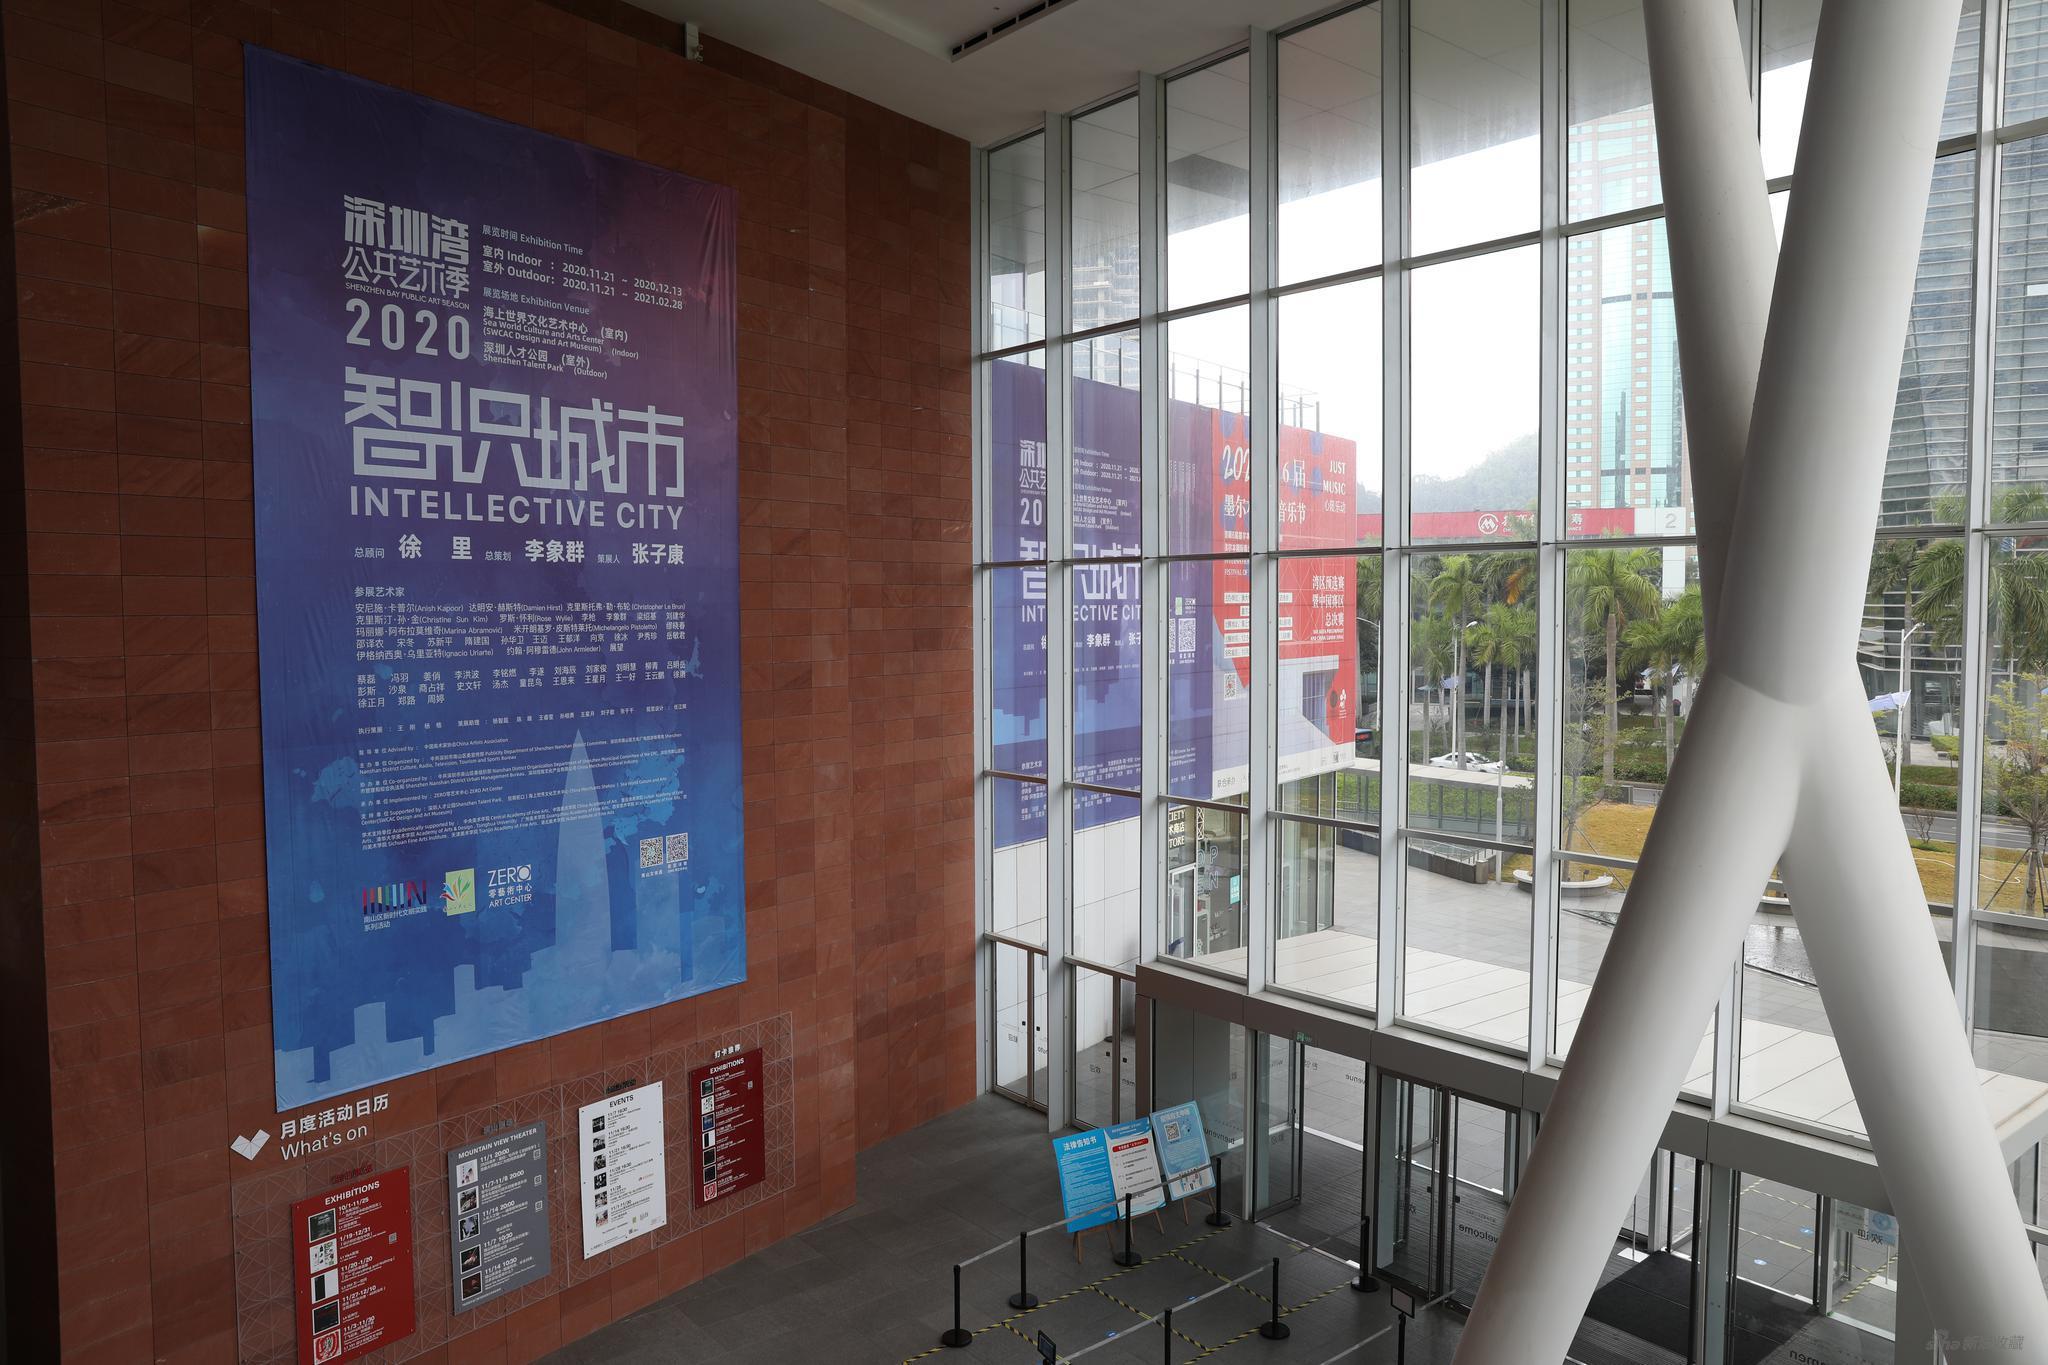 开幕现场 深圳海上世界文化艺术中心